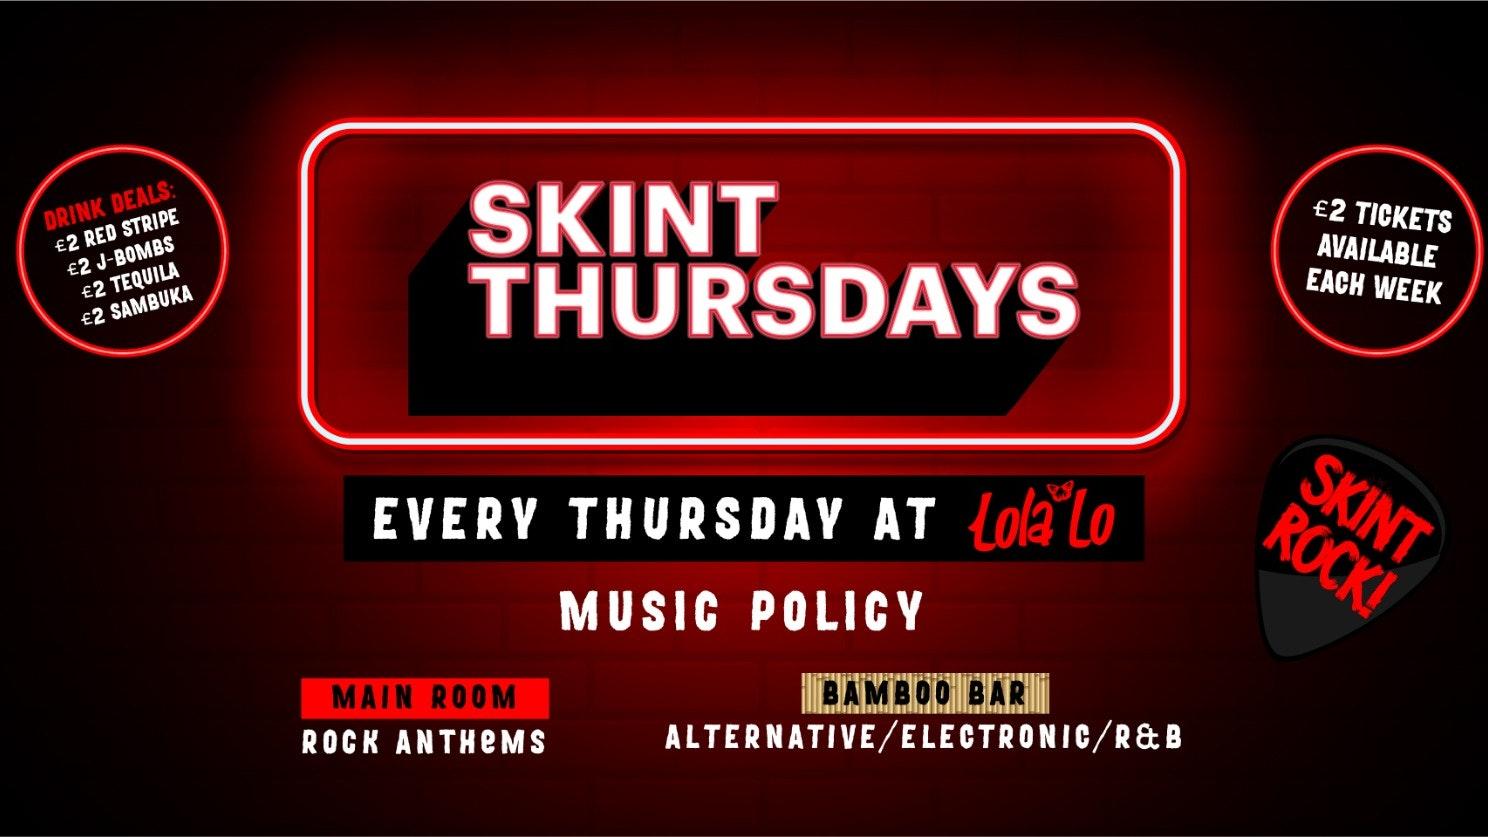 Skint Thursday – Thursday 14th October